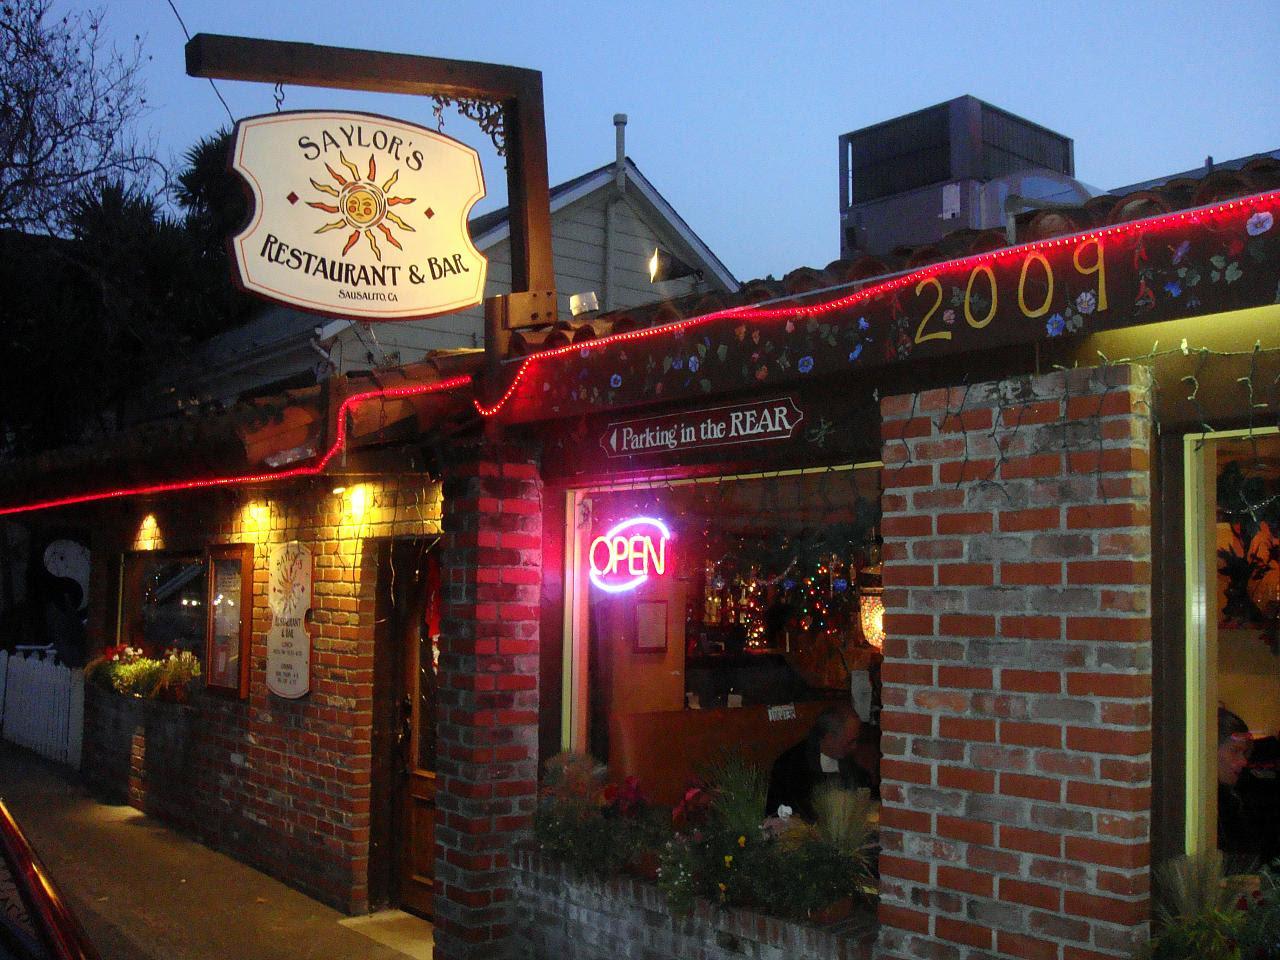 Saylor's Restaurant